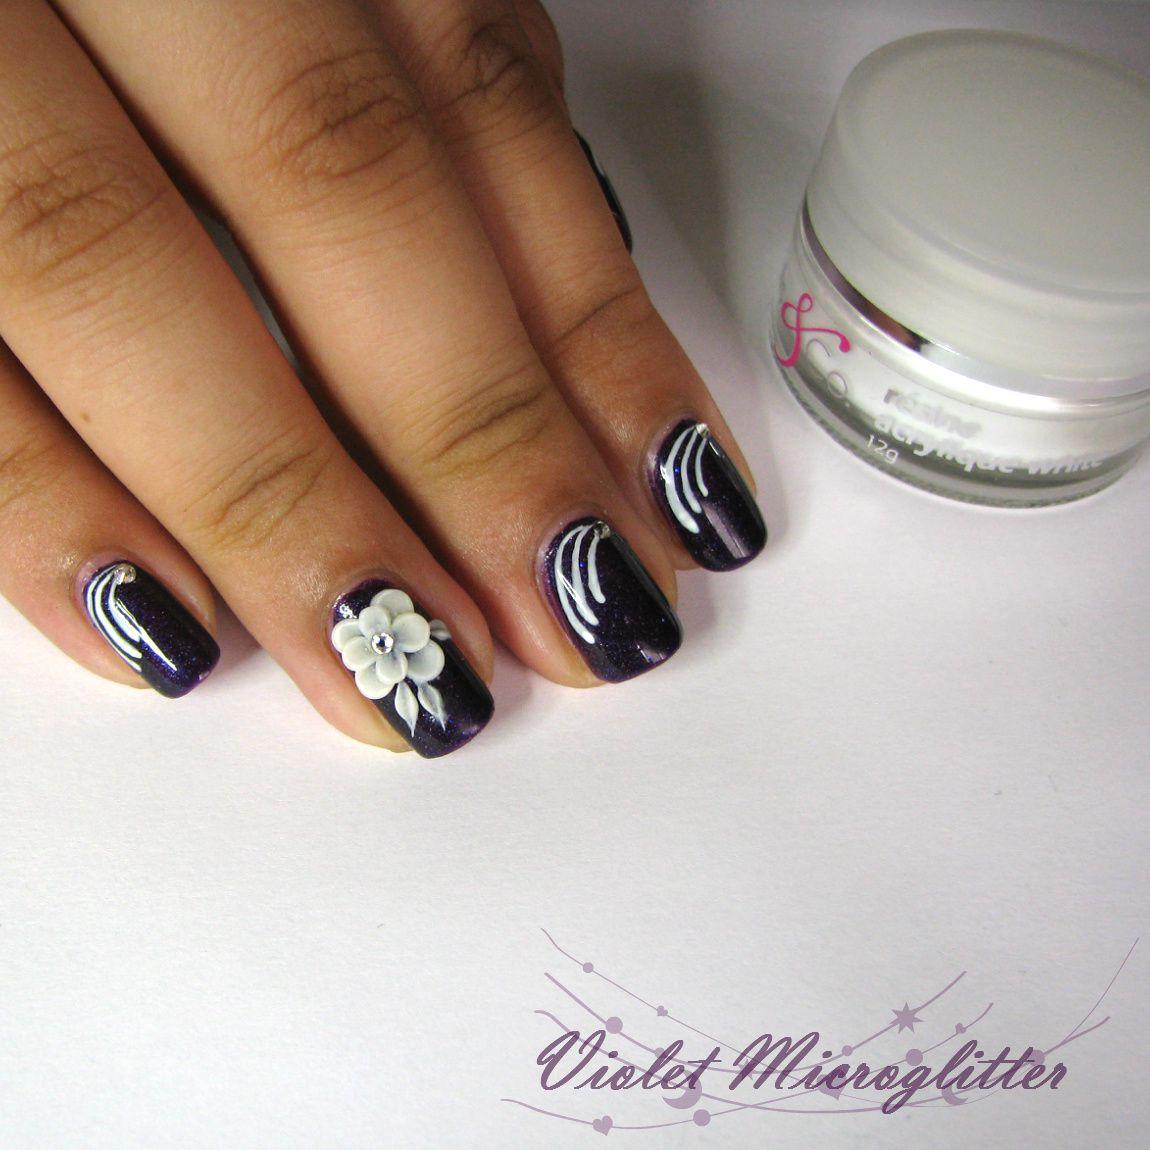 La résine blanche Nails &amp&#x3B; Co à l'essai en 3D